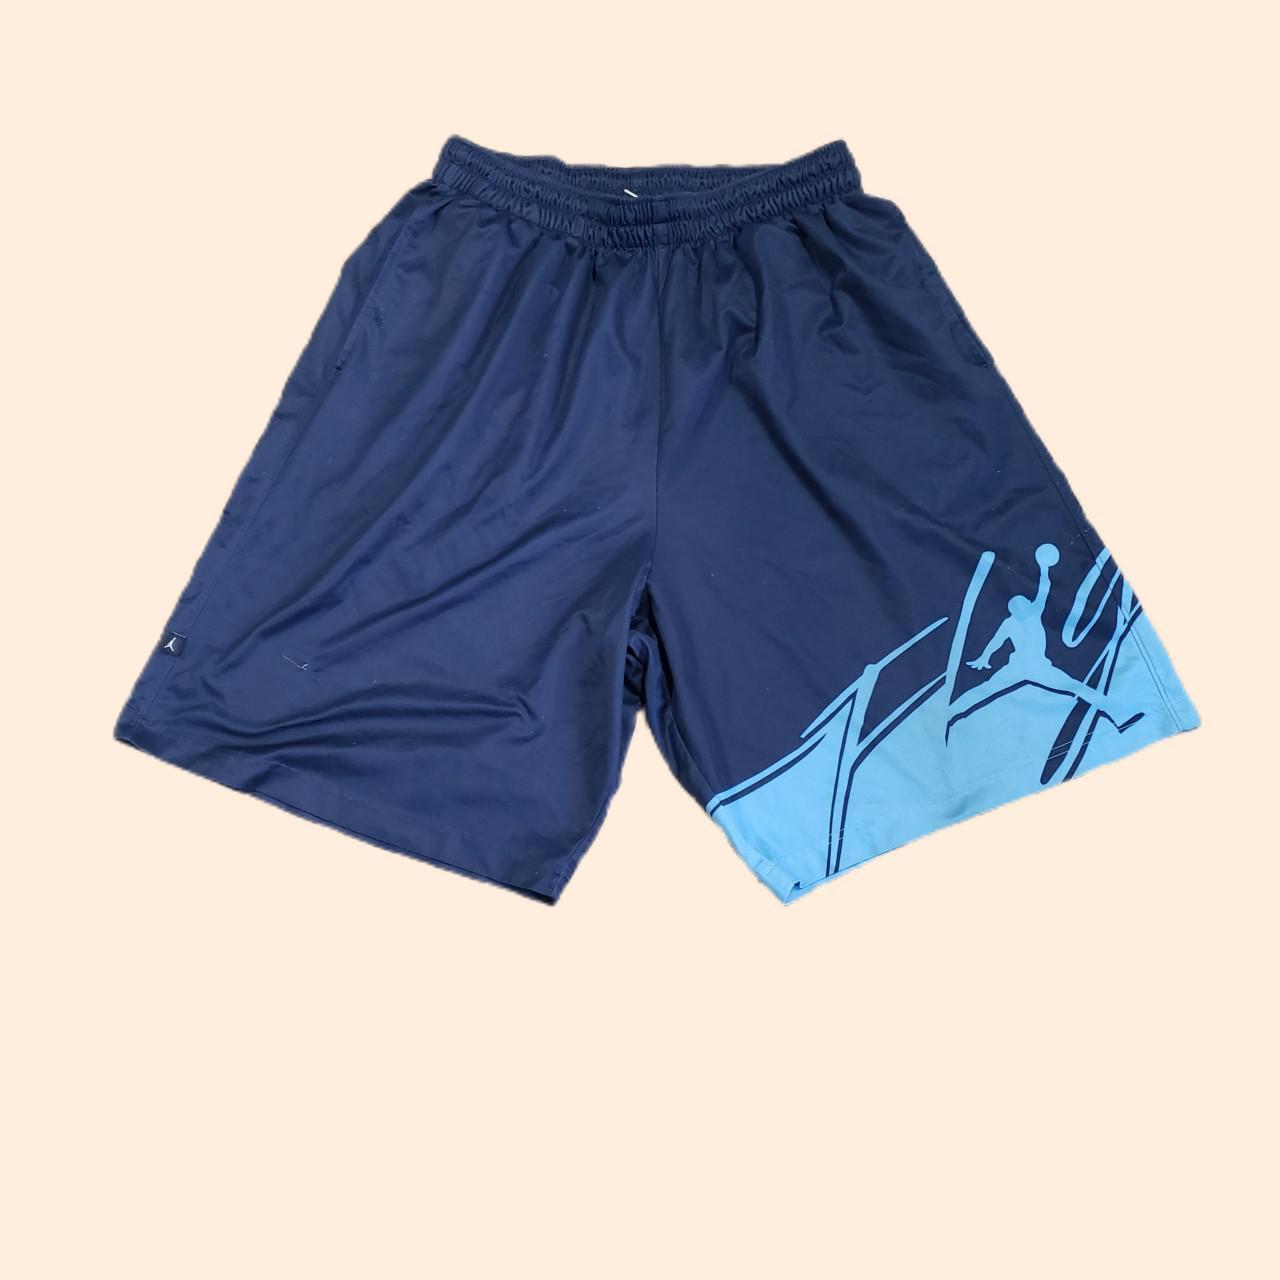 Product Image 1 - Jordan Shorts   Size: XL   Color: